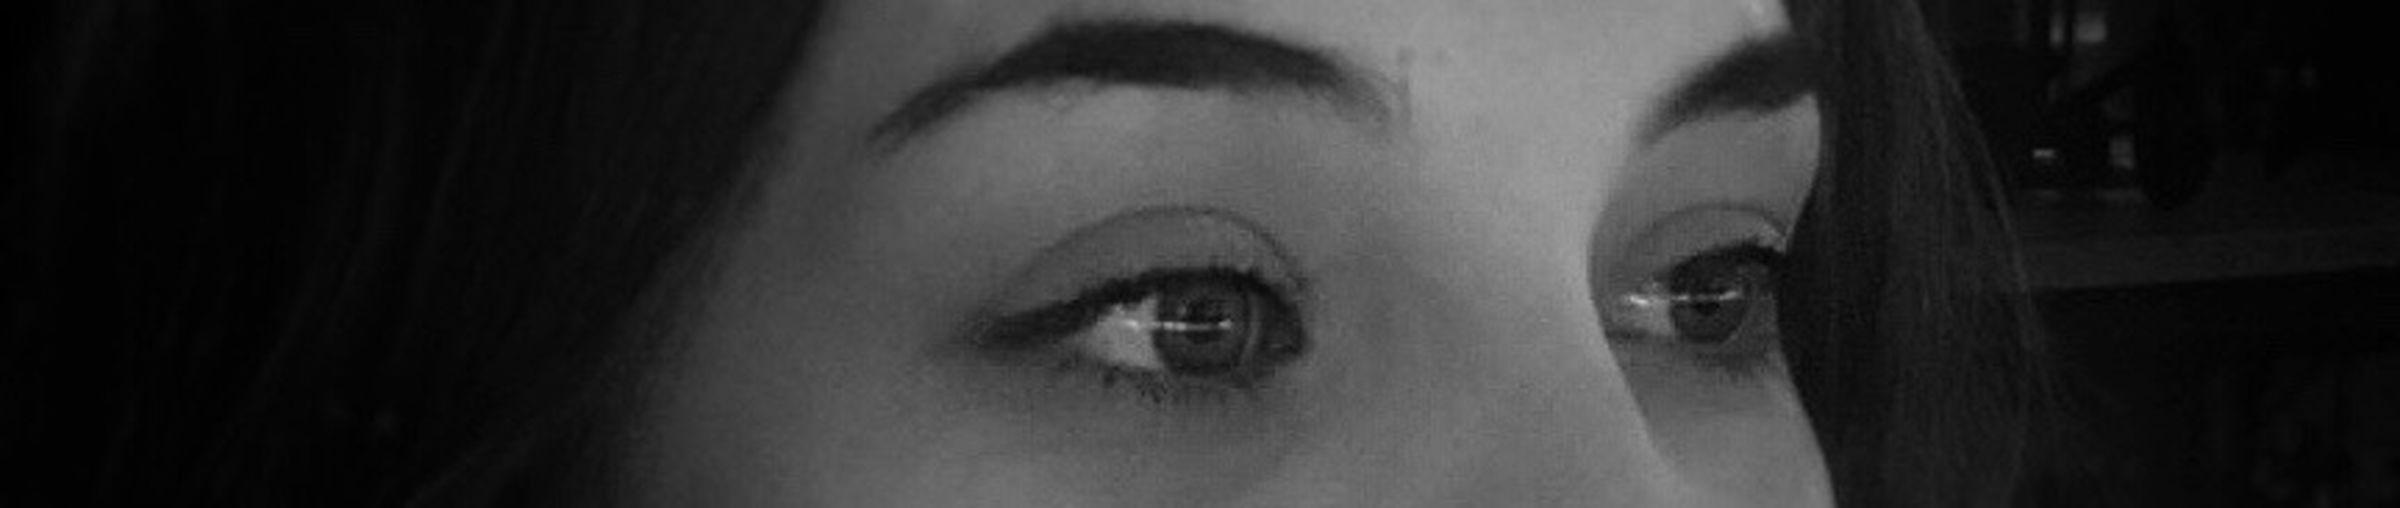 Ojos de vida 👀 😘❤️😍